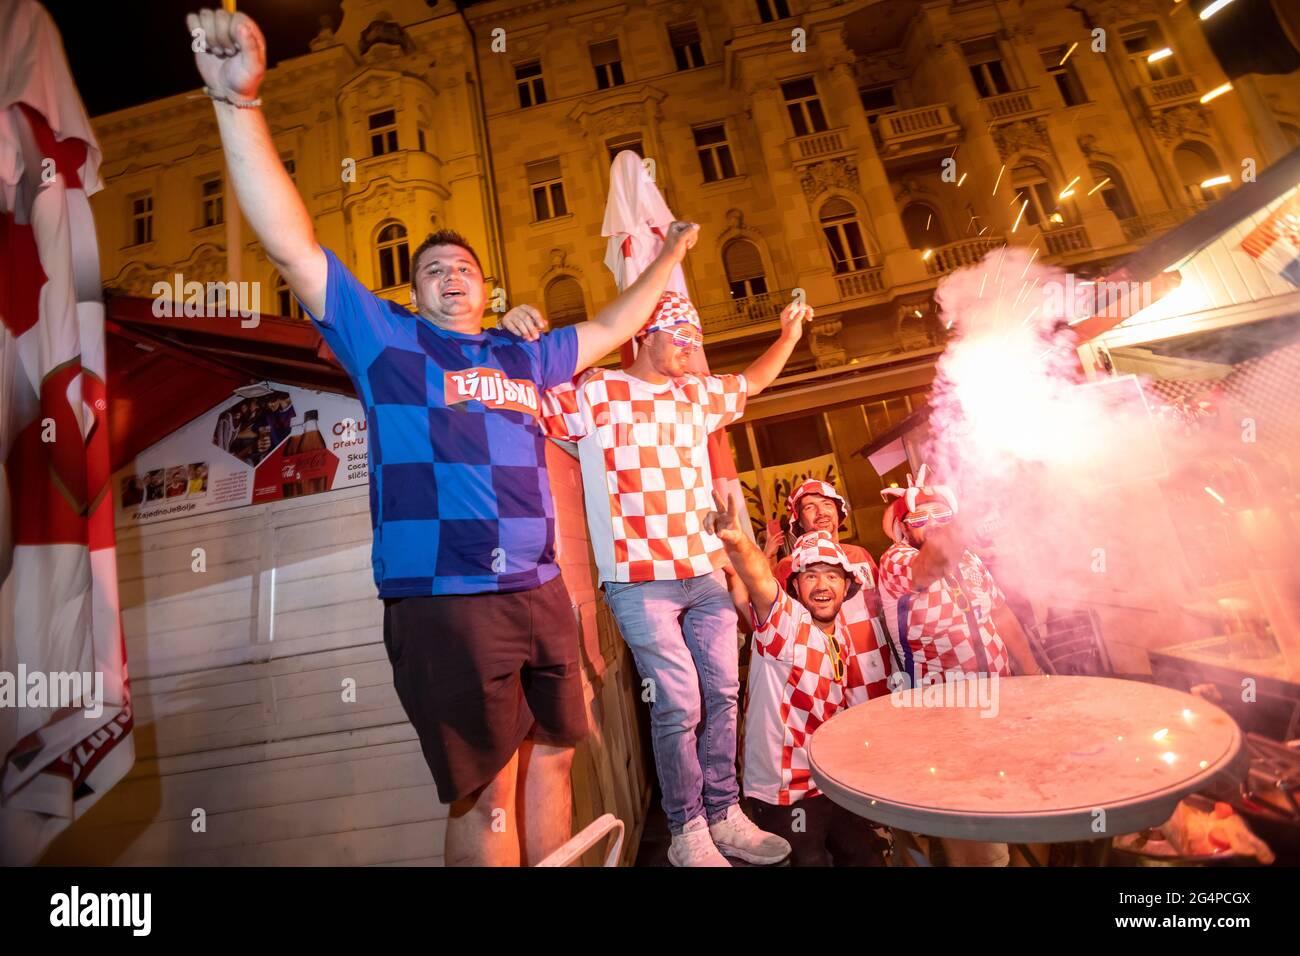 Kroatien, 22/06/2021, die Atmosphäre auf dem Ban Josip Jelacic Platz während eines Fußballspiels zwischen Kroatien und Schottland bei der Euro 2020, um zur Runde von 16 vorzurücken. Fans feiern Kroatien 3-1 Sieg über Schottland und Vorsprung auf die Runde von 16. Stockfoto